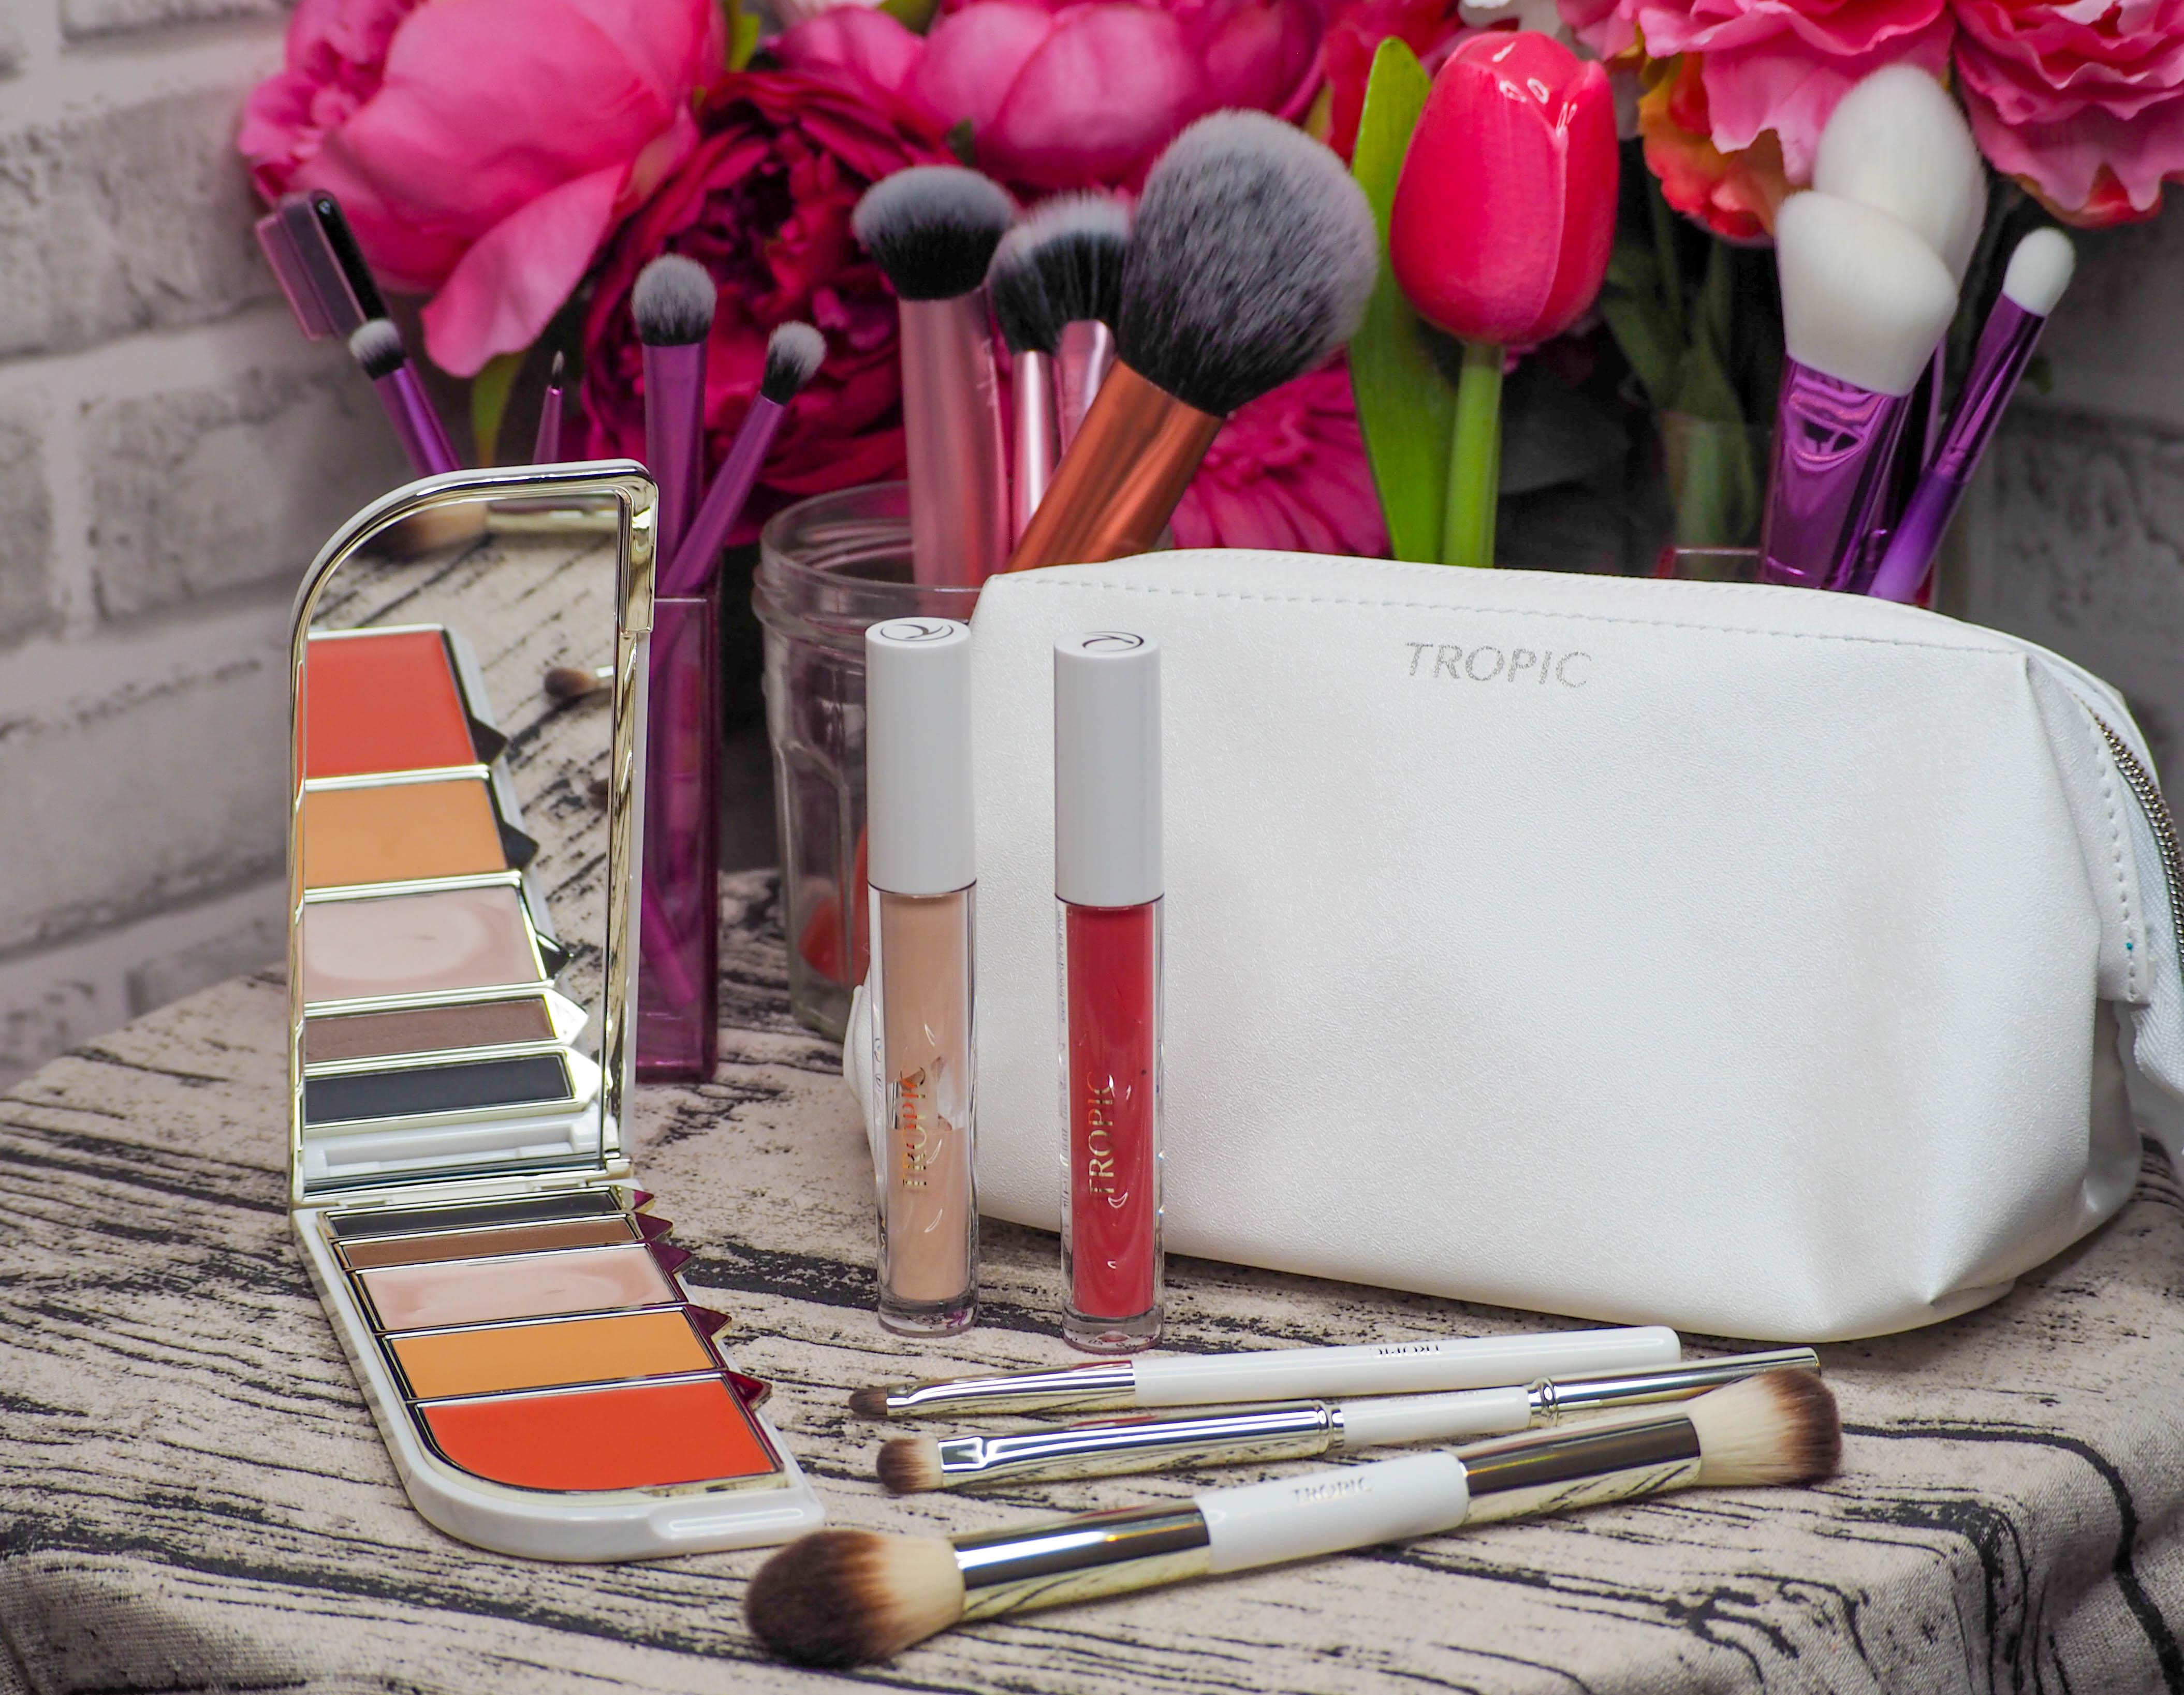 Tropic Makeup